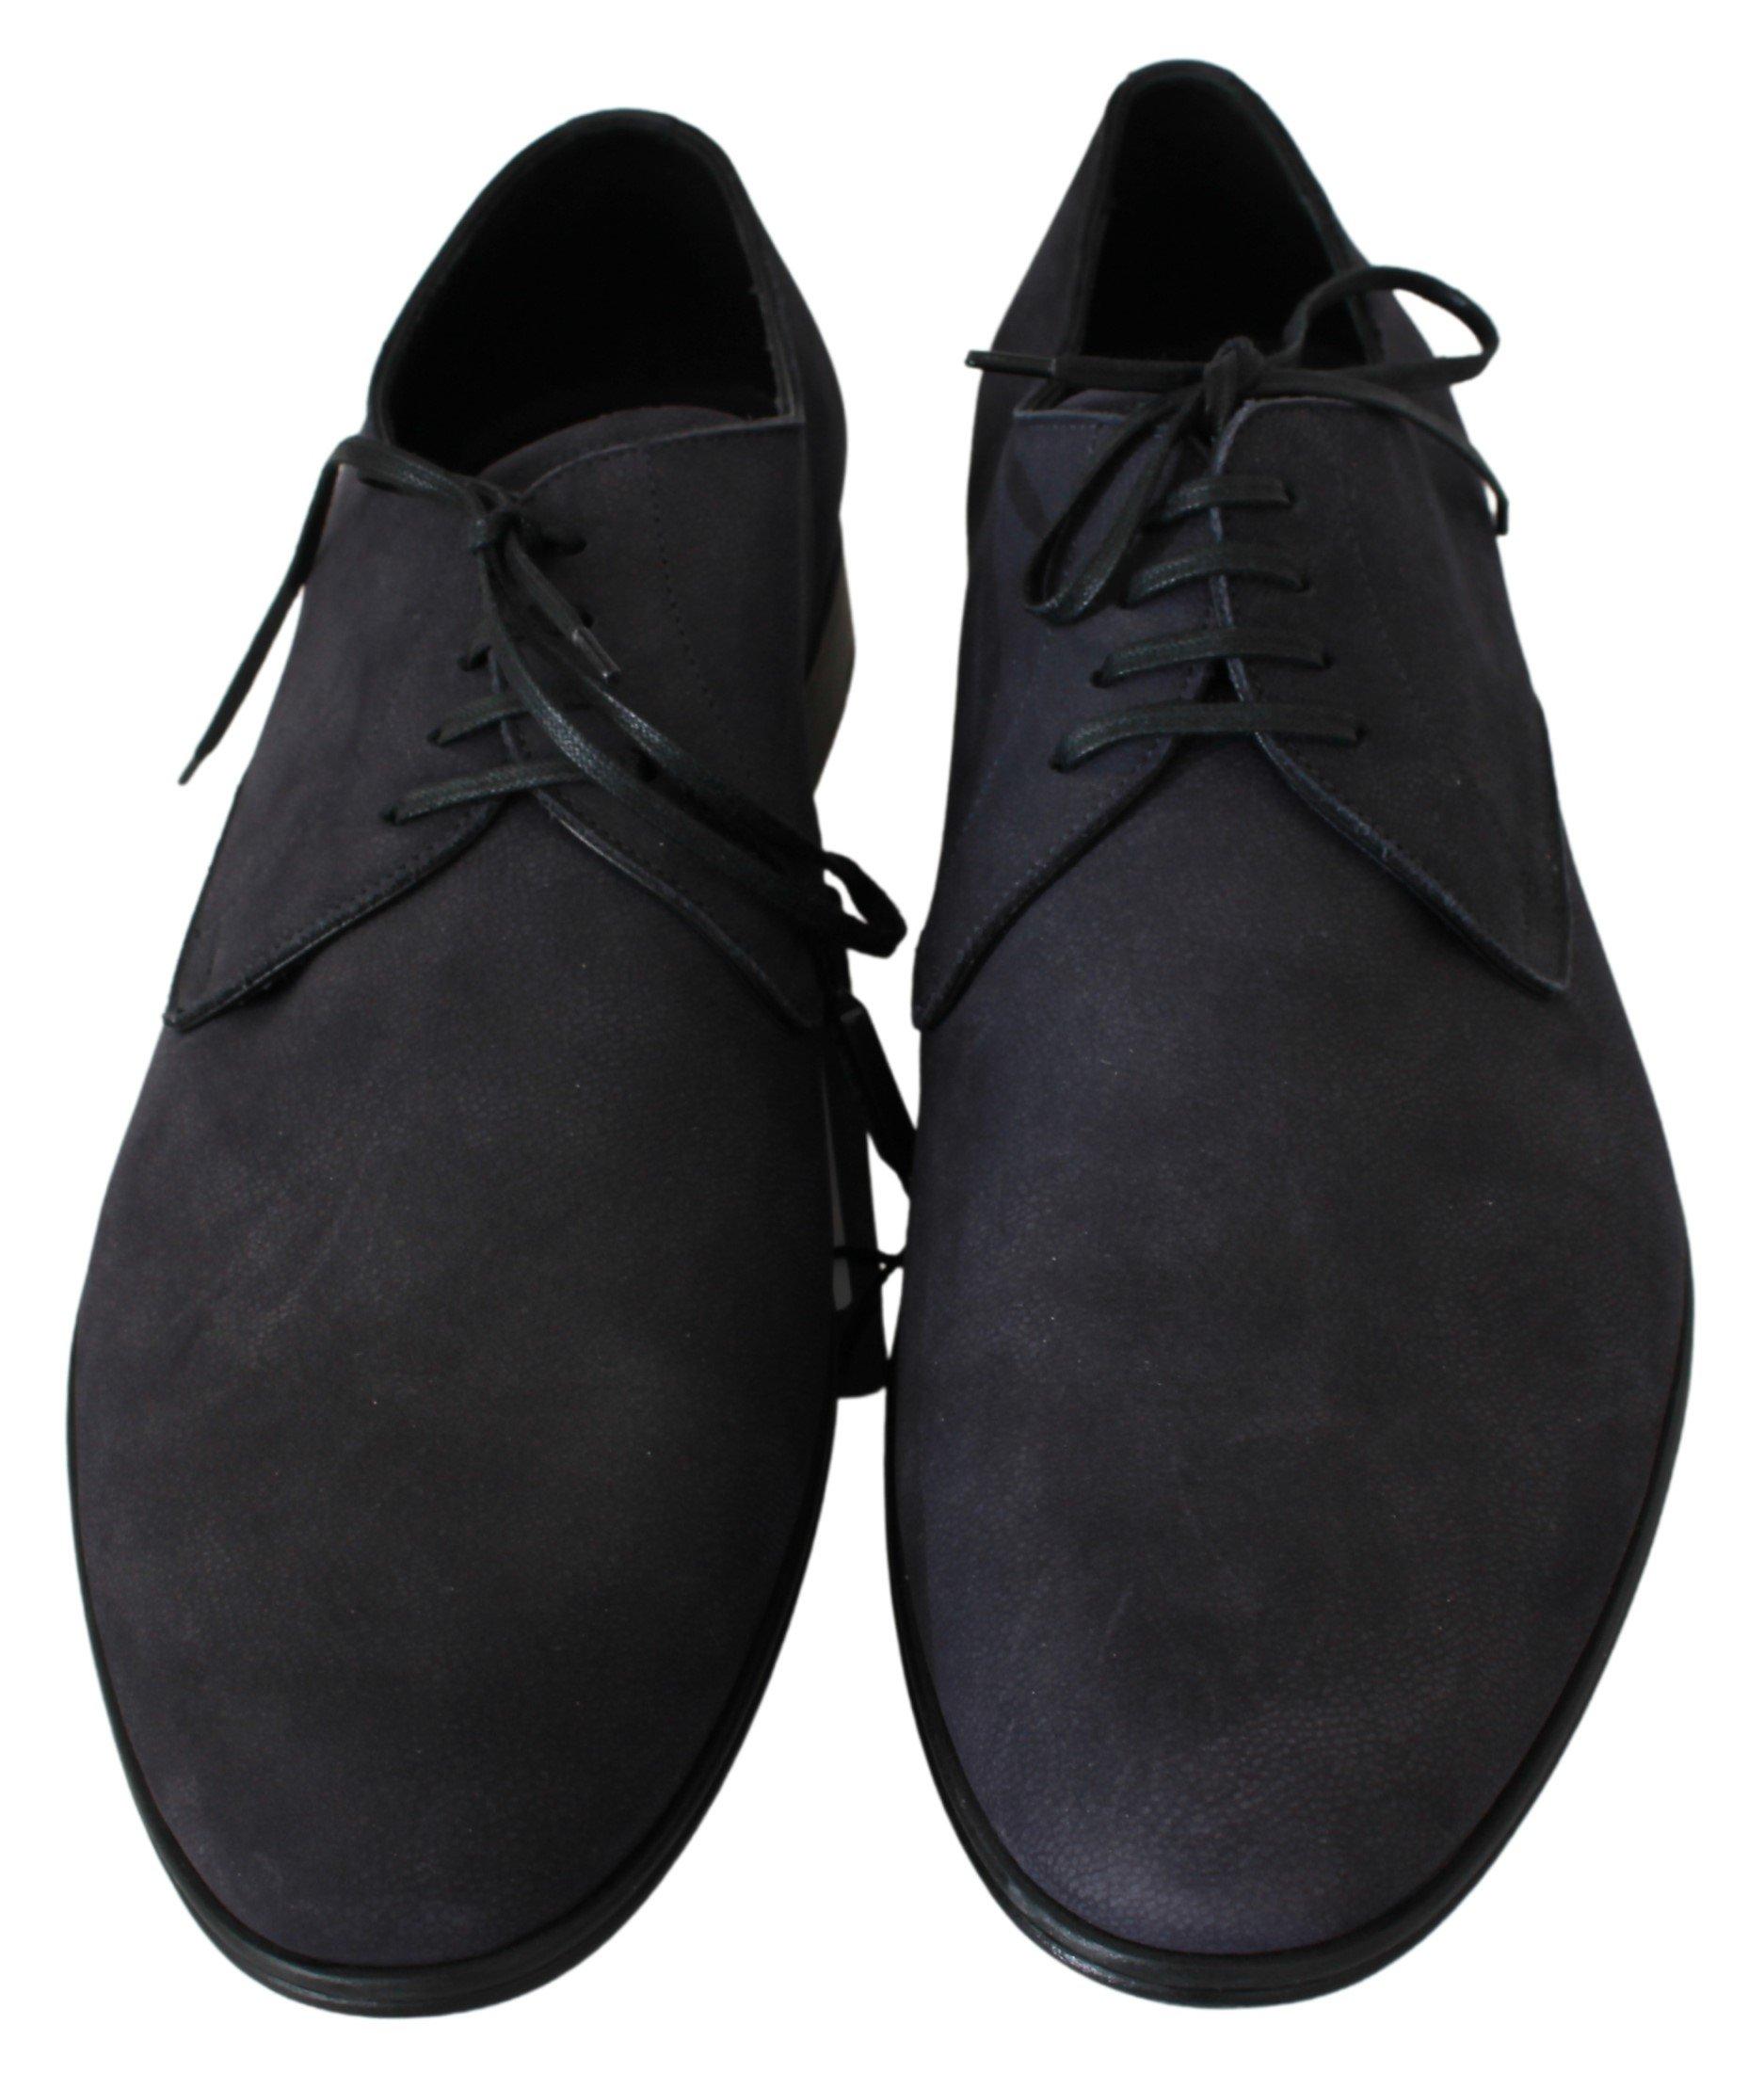 Dolce & Gabbana Men's Leather Derby Shoes Blue MV2717 - EU44/US11